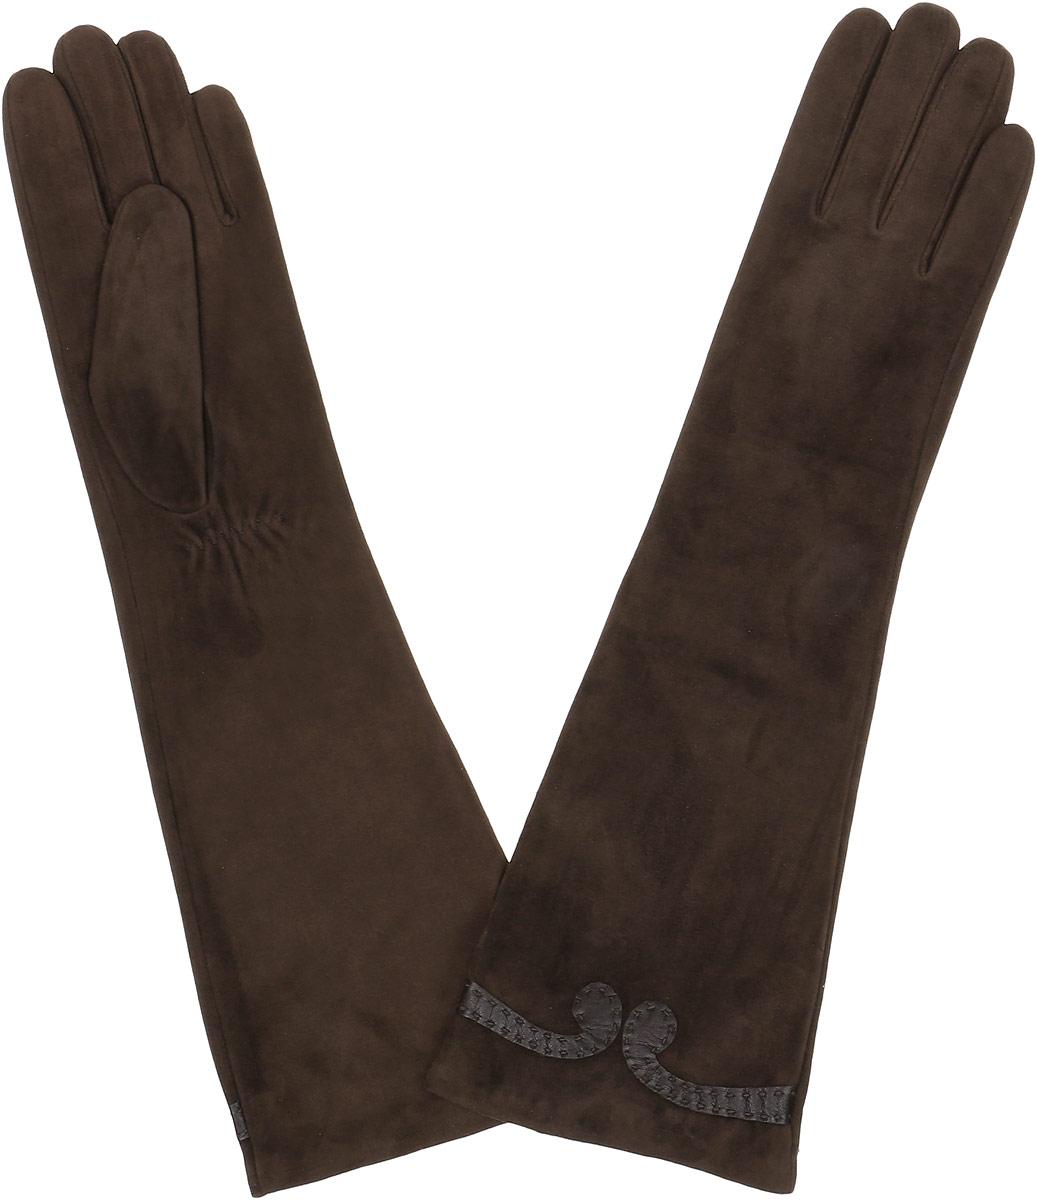 Перчатки женские Fabretti, цвет: шоколадный. 2.84-2. Размер 7,52.84-2 chocolateЭлегантные удлиненные женские перчатки Fabretti станут великолепным дополнением вашего образа и защитят ваши руки от холода и ветра во время прогулок. Перчатки выполнены из натуральной кожи ягненка. Модель декорирована небольшим узором из кожи. Такие перчатки будут оригинальным завершающим штрихом в создании современного модного образа, они подчеркнут ваш изысканный вкус и станут незаменимым и практичным аксессуаром.